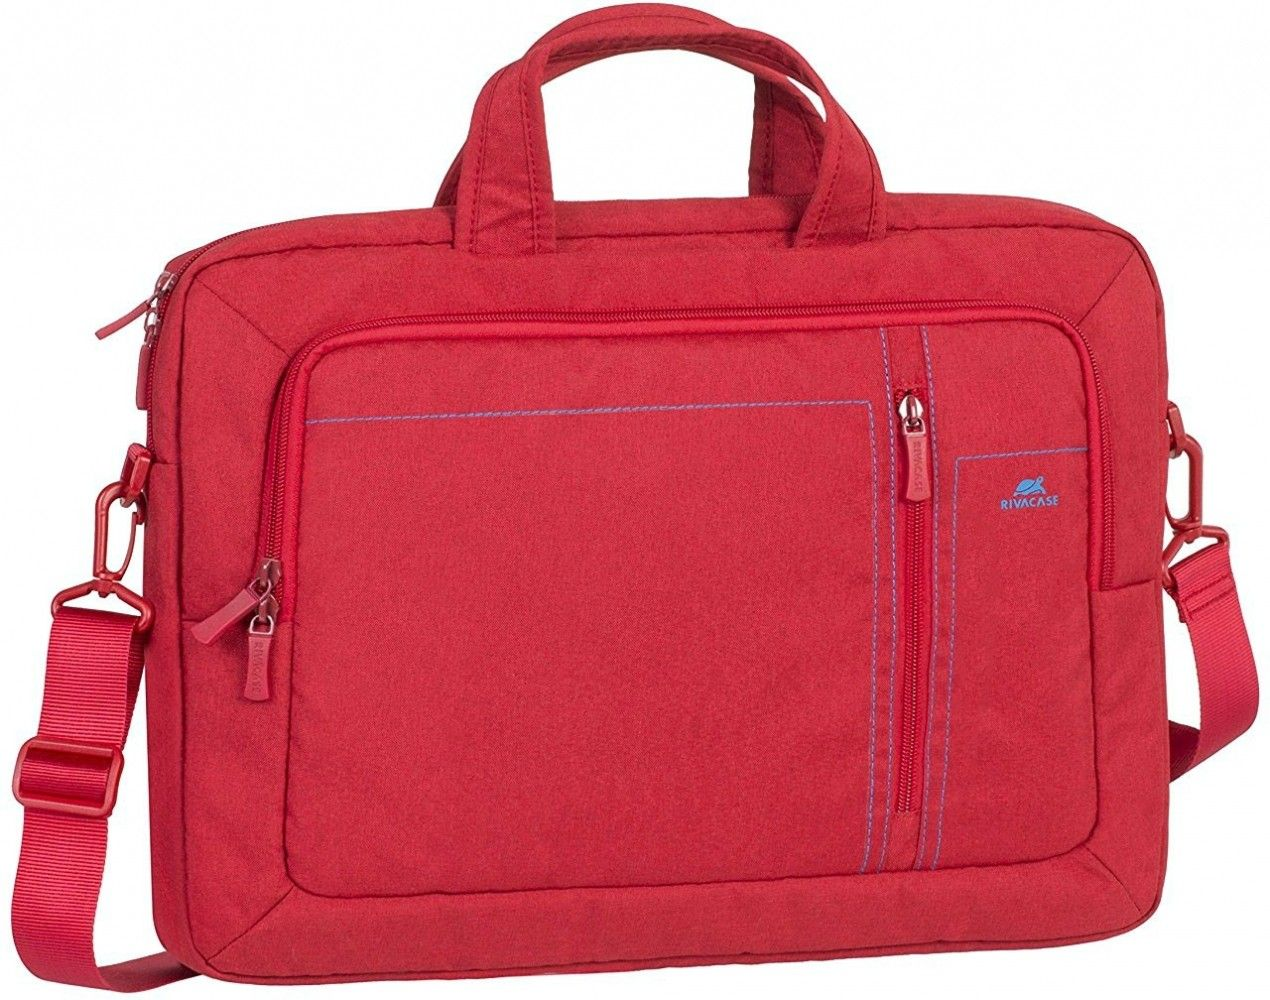 Купить Сумки / чехлы для ноутбуков, Сумка для ноутбука RivaCase 15.6 (7530) Red